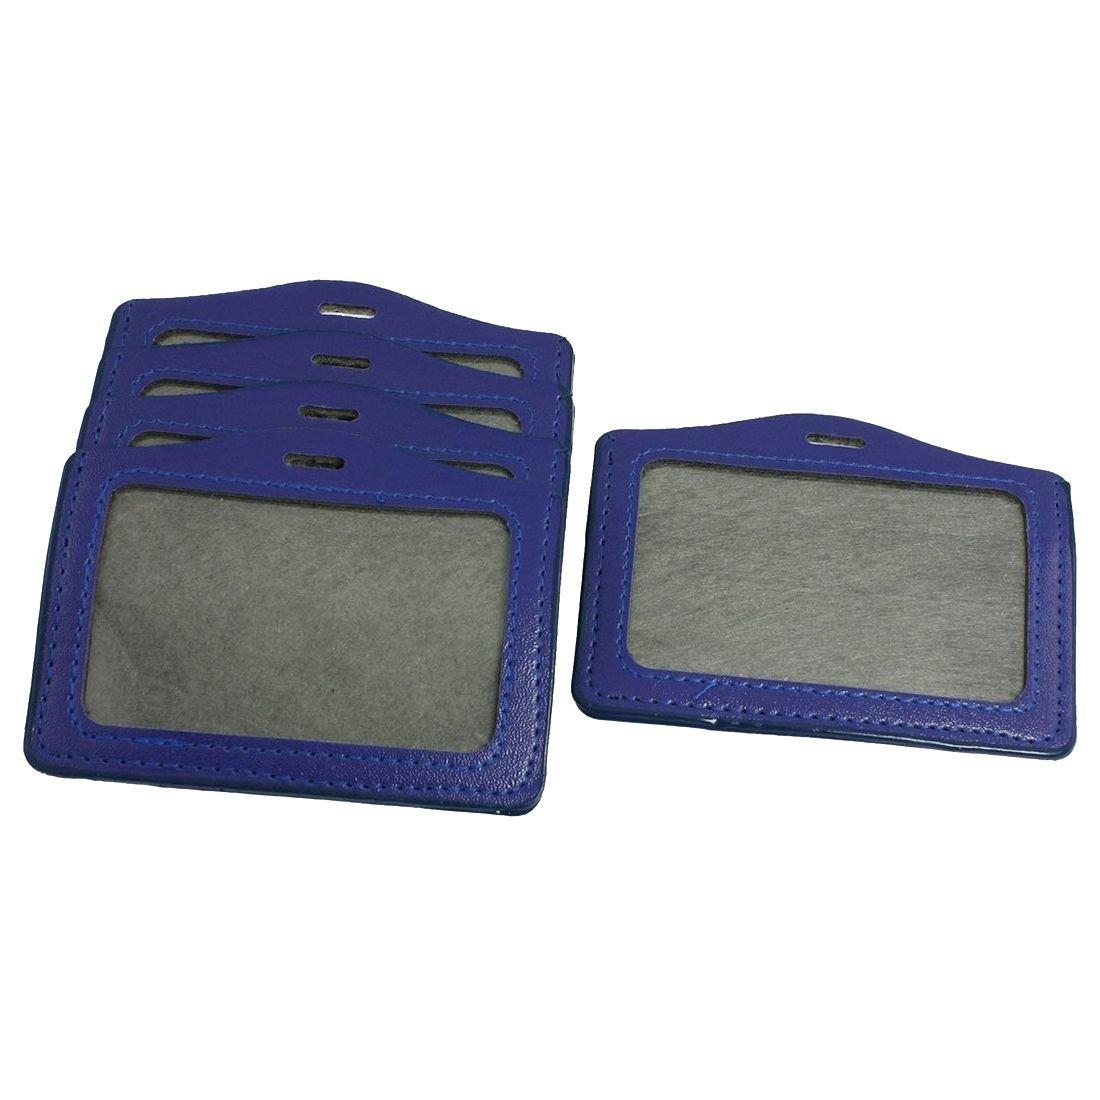 TOOGOO(R) 5 Pcs orizzontale in pelle sintetica con porta-Badge personale con nome, colore:blu